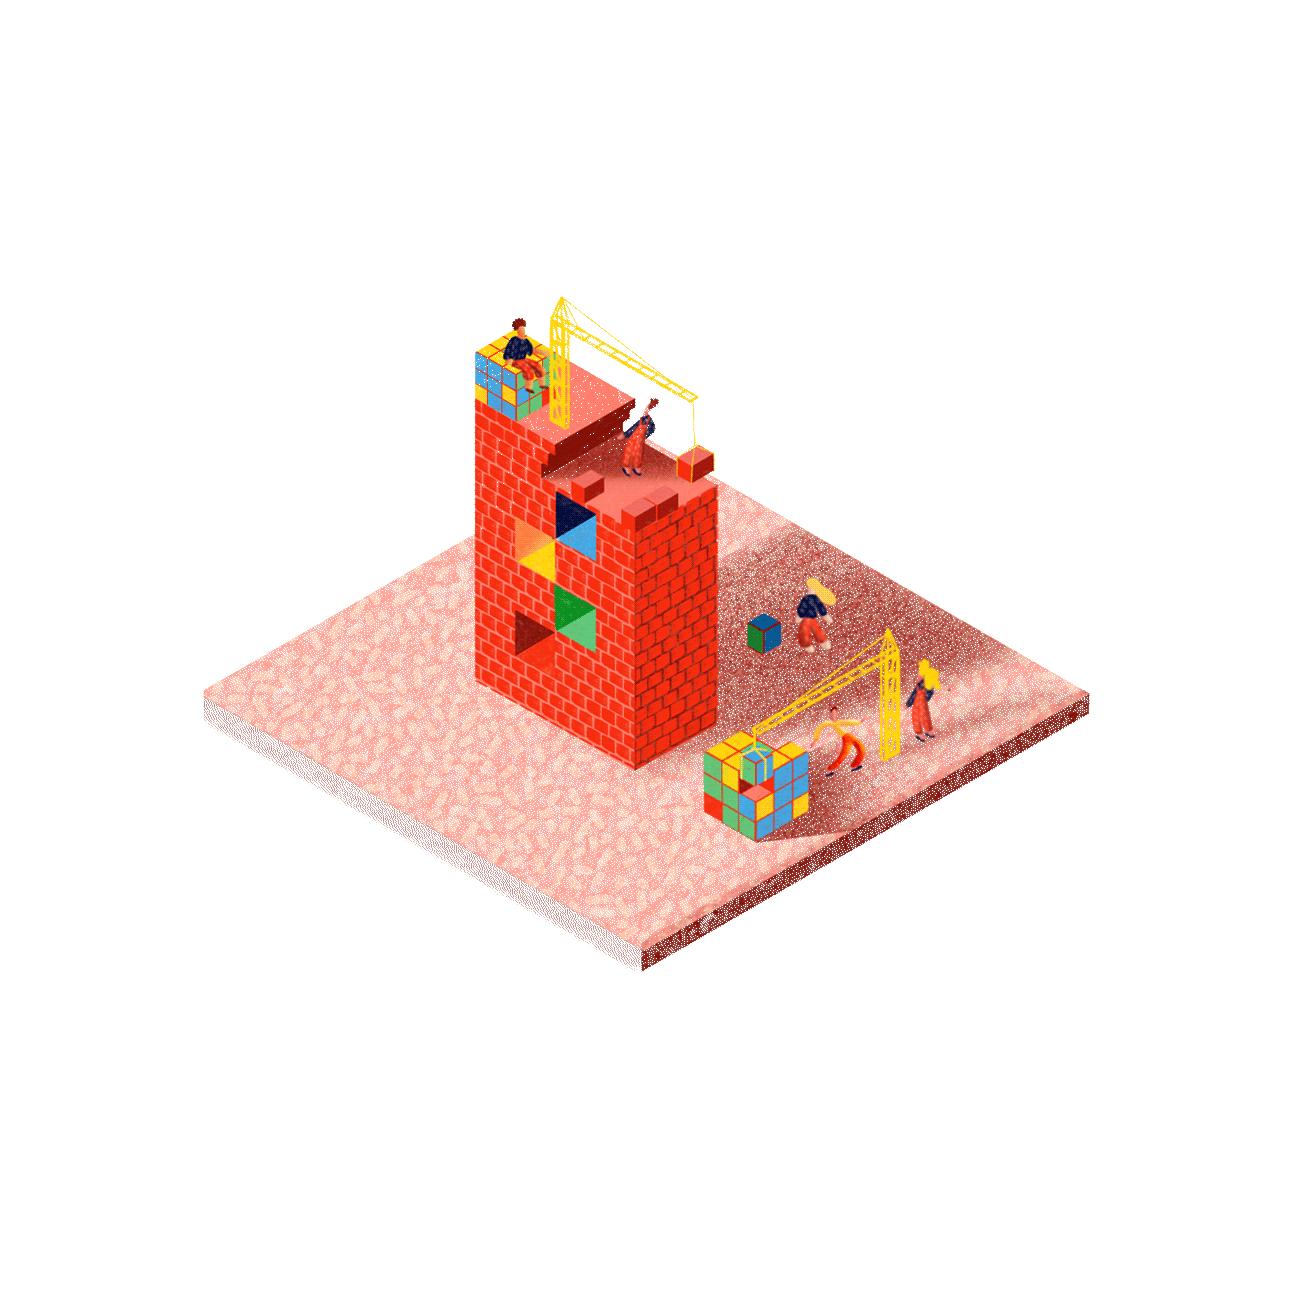 Illustration de la construction d'un projet numérique avec La Briqueterie